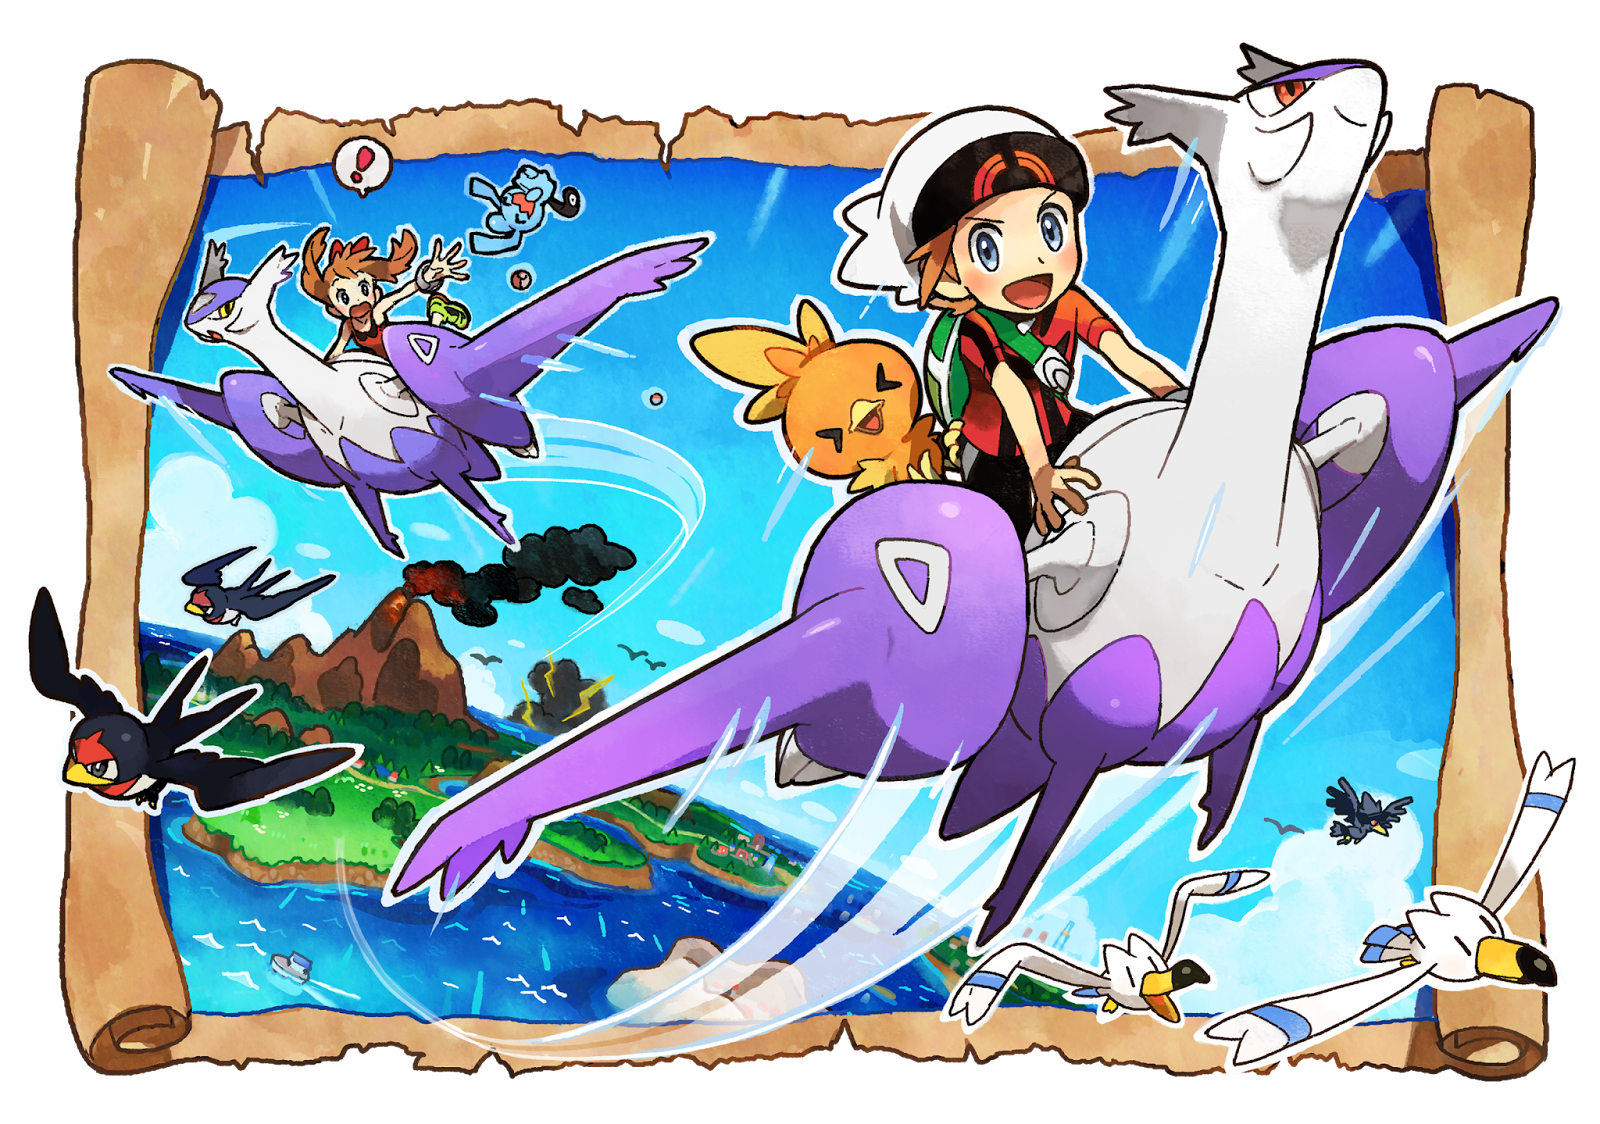 image - pokemon oras artwork | pokémon wiki | fandom powered by